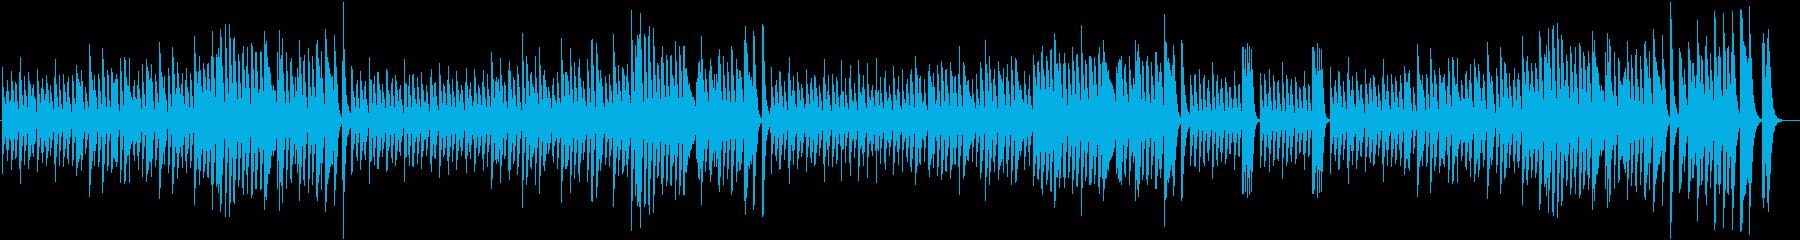 白銀の世界を描いた楽しい冬ピアノBGMの再生済みの波形